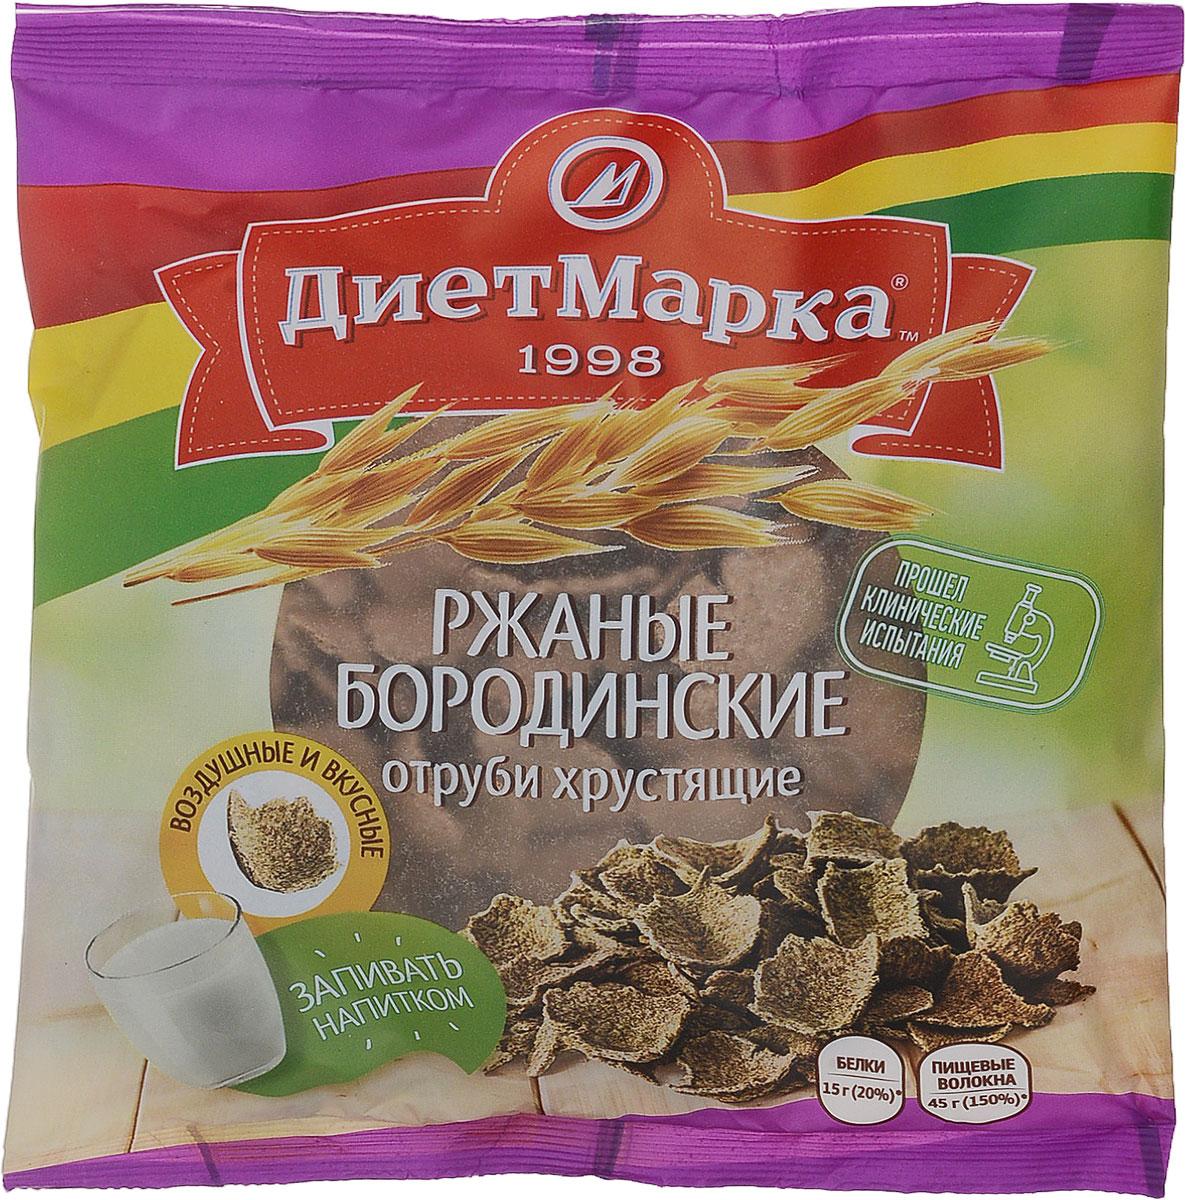 Диет Марка отруби хрустящие №28 ржаные бородинские, 100 г сибирские отруби хрустящие сила гречихи 100 г